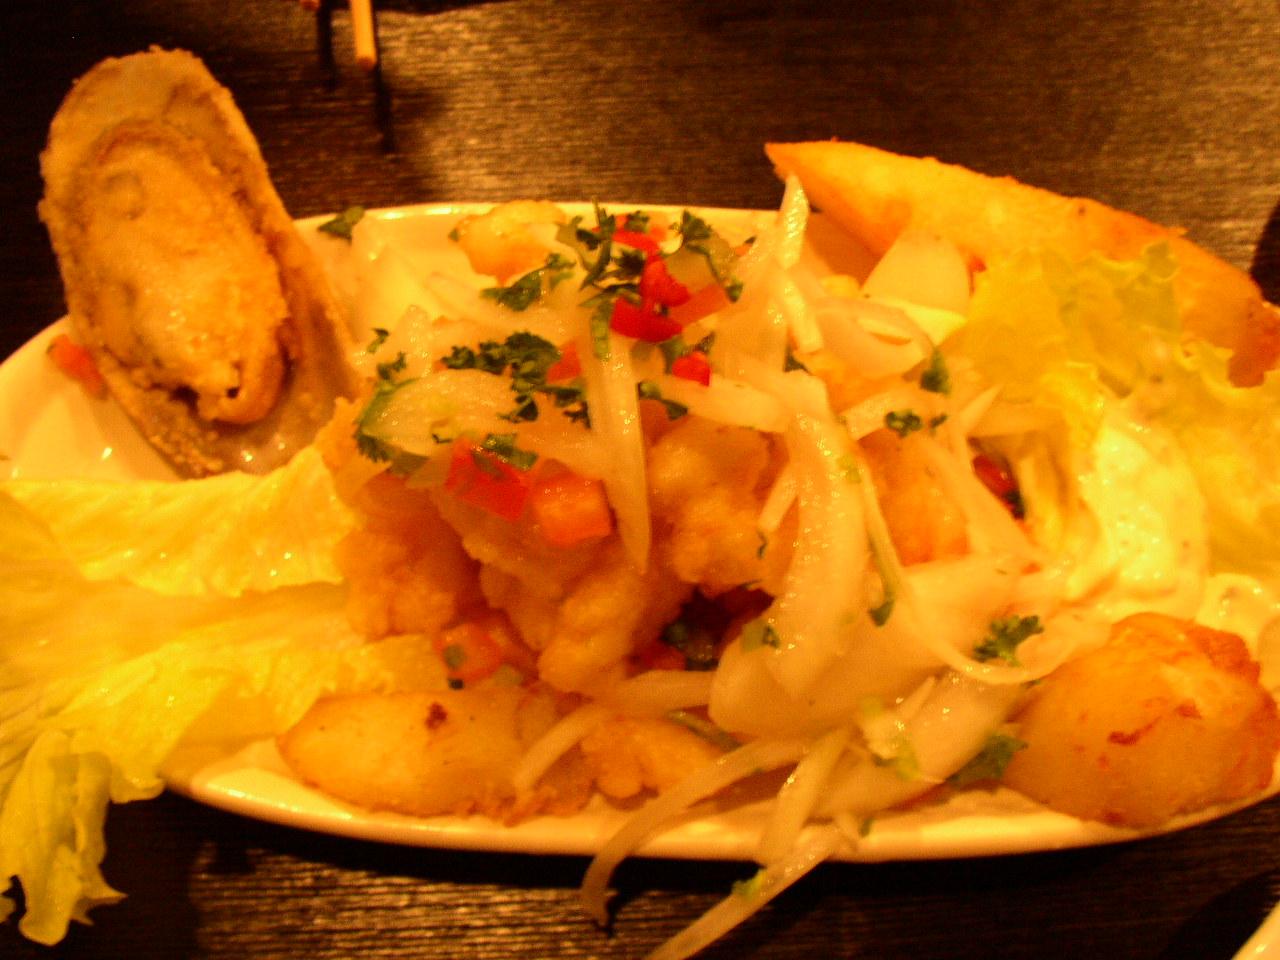 ペルー料理の魅力は?特徴や東京で食べられるおす …